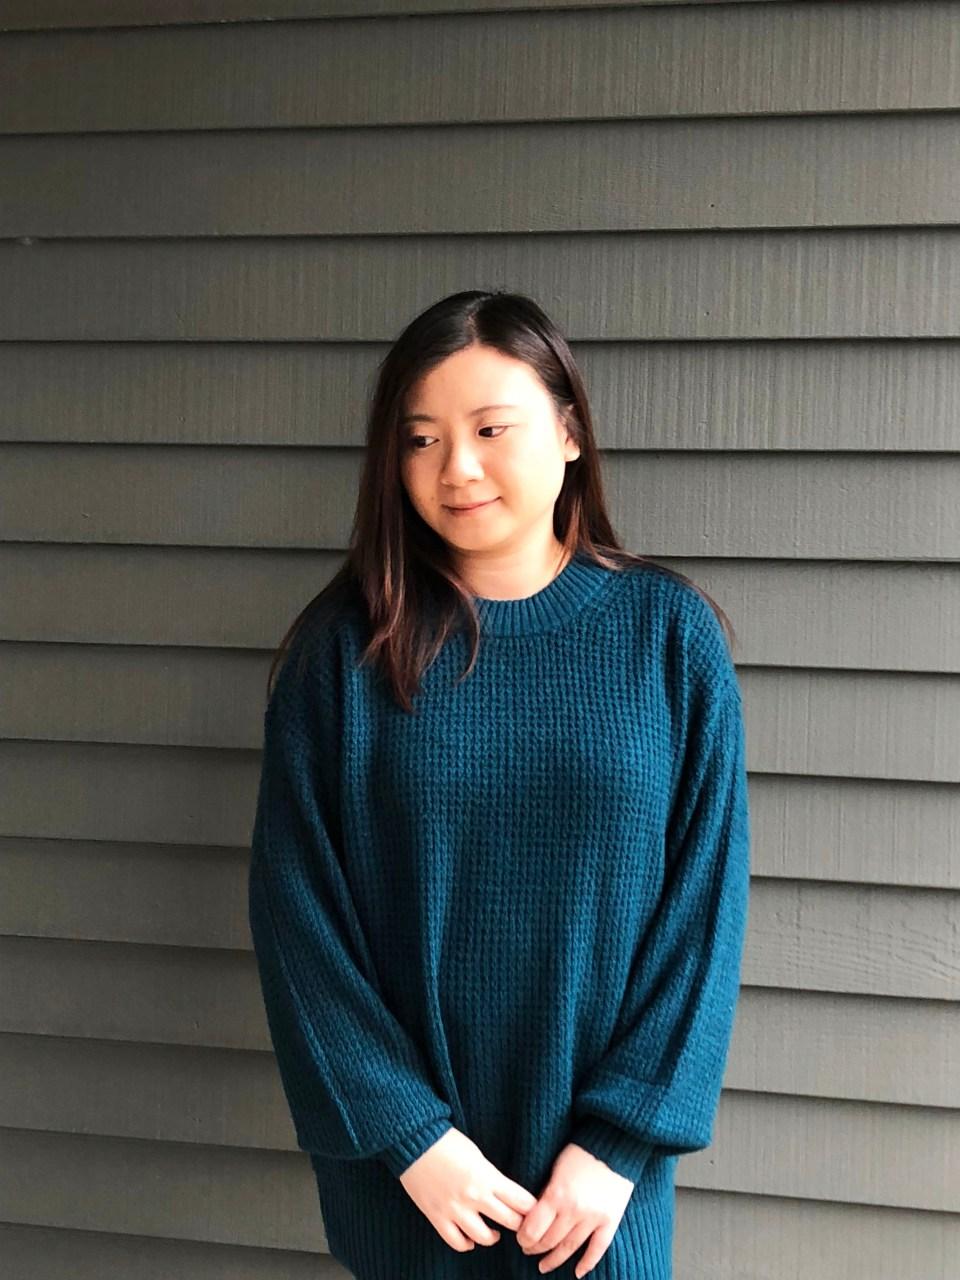 Teal Cloudspun Sweater 6